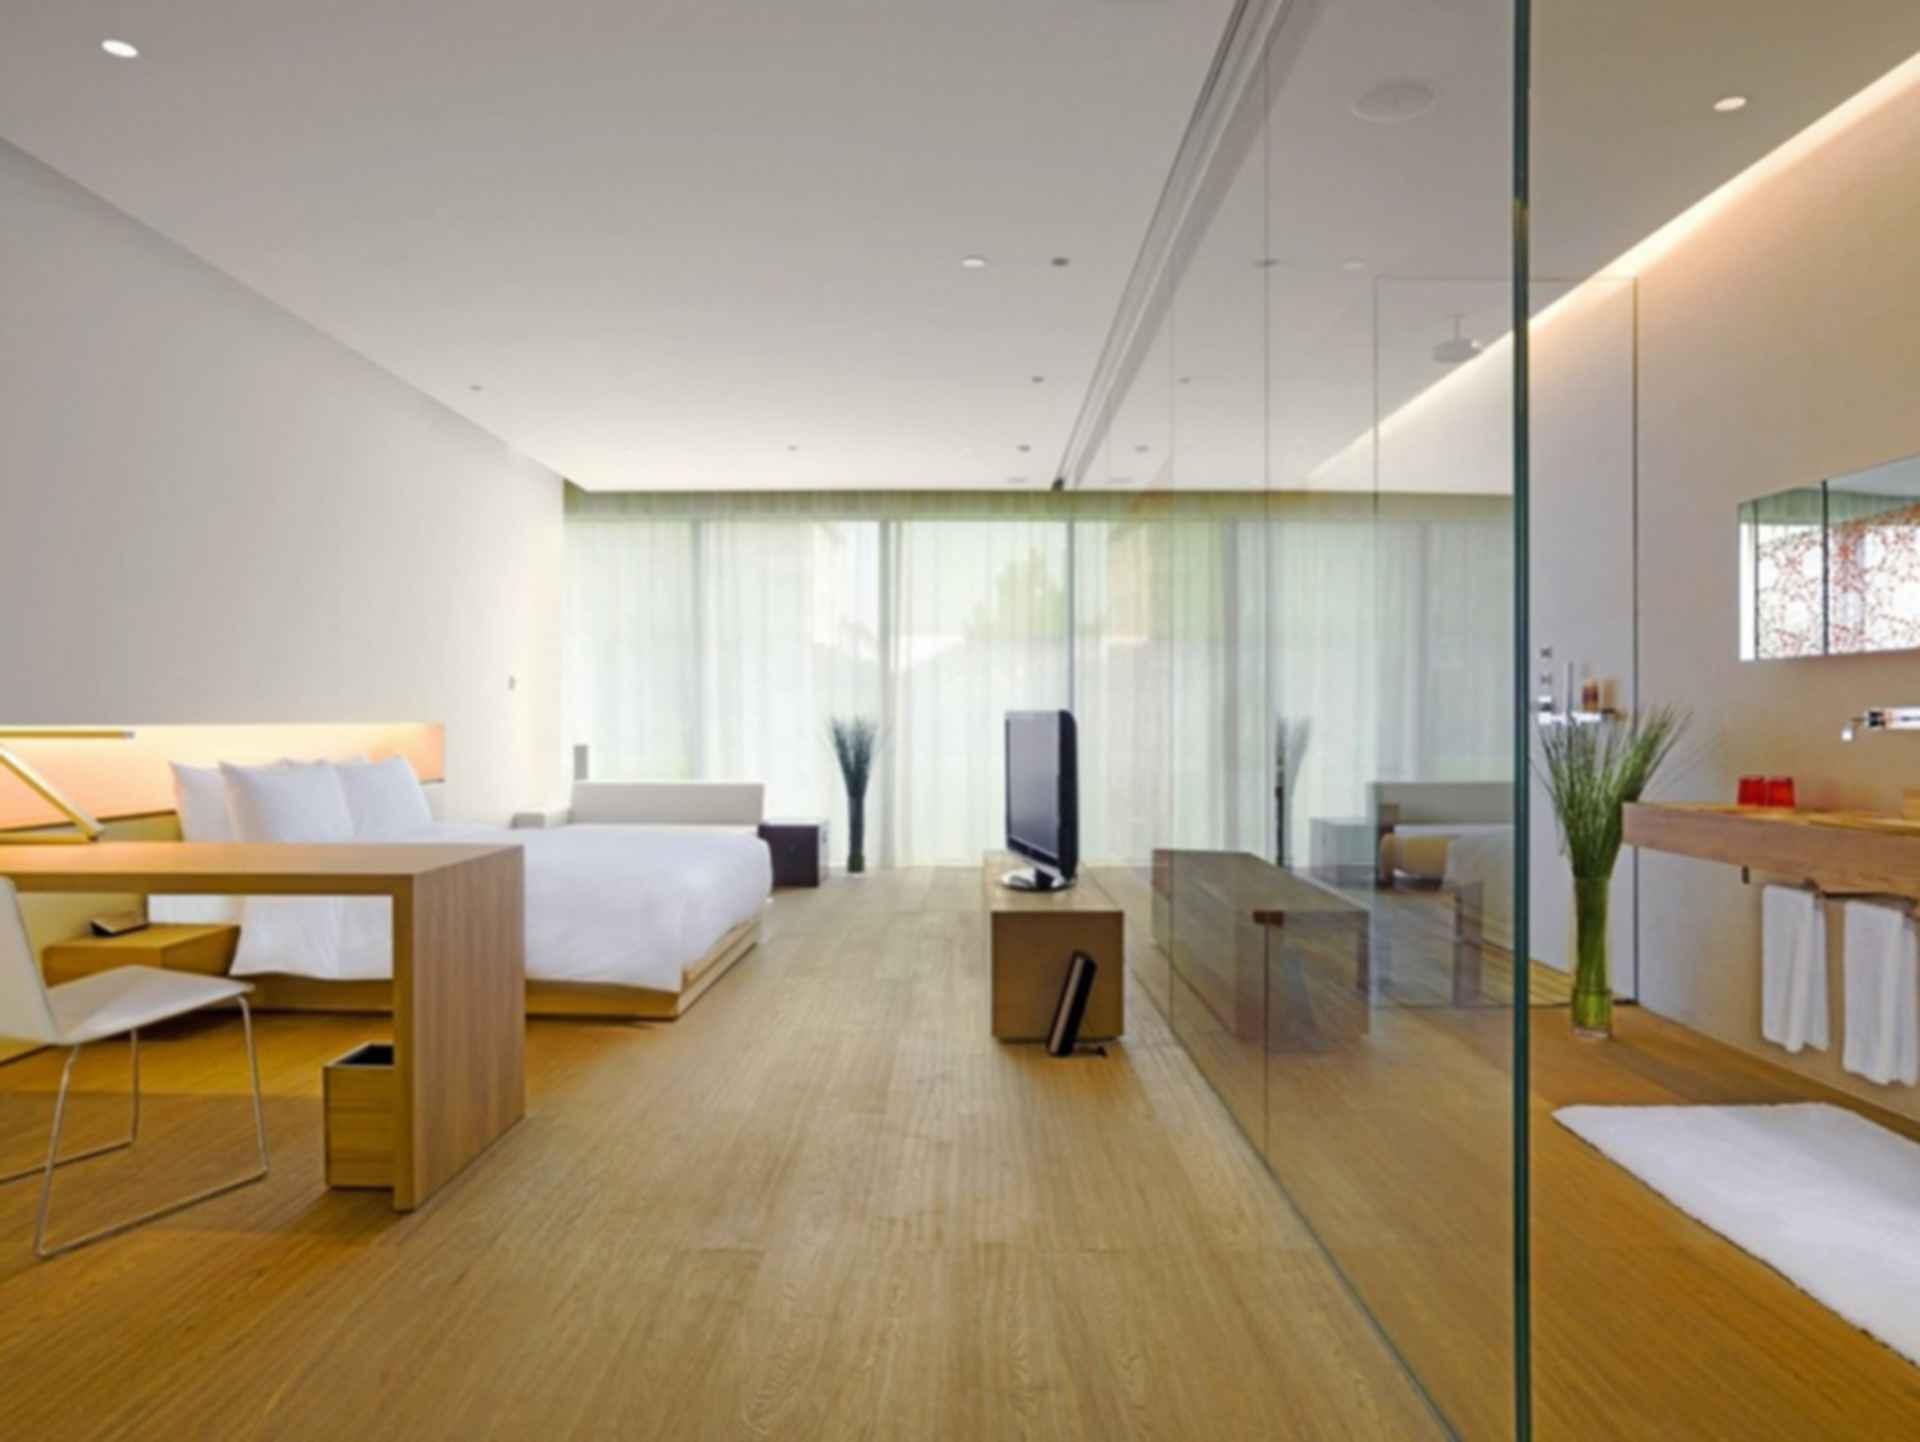 Opposite House Hotel - Hotel Room